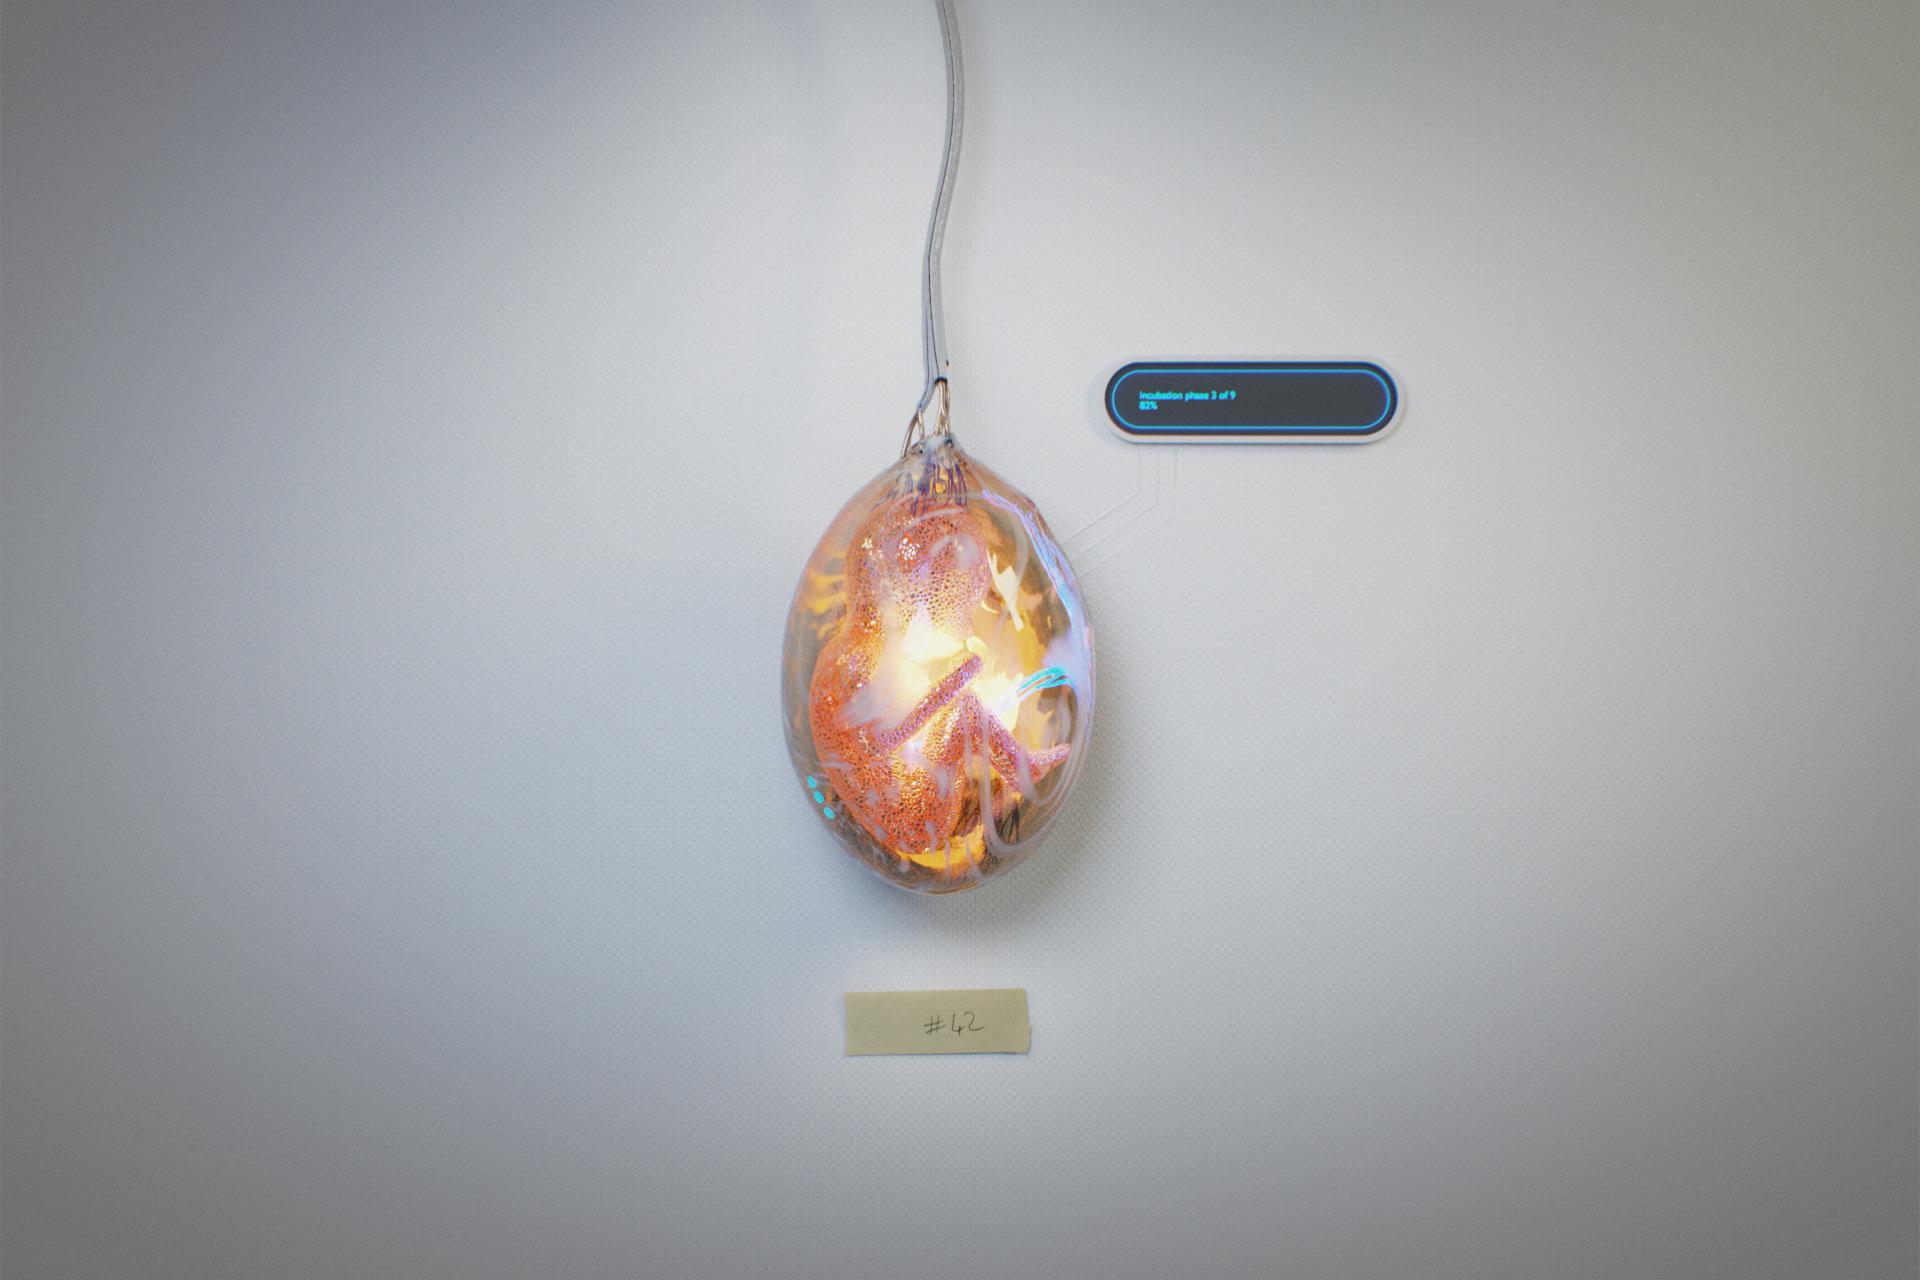 CG艺术家采访:如何用Blender制作AI系统中的超现实主义机器人